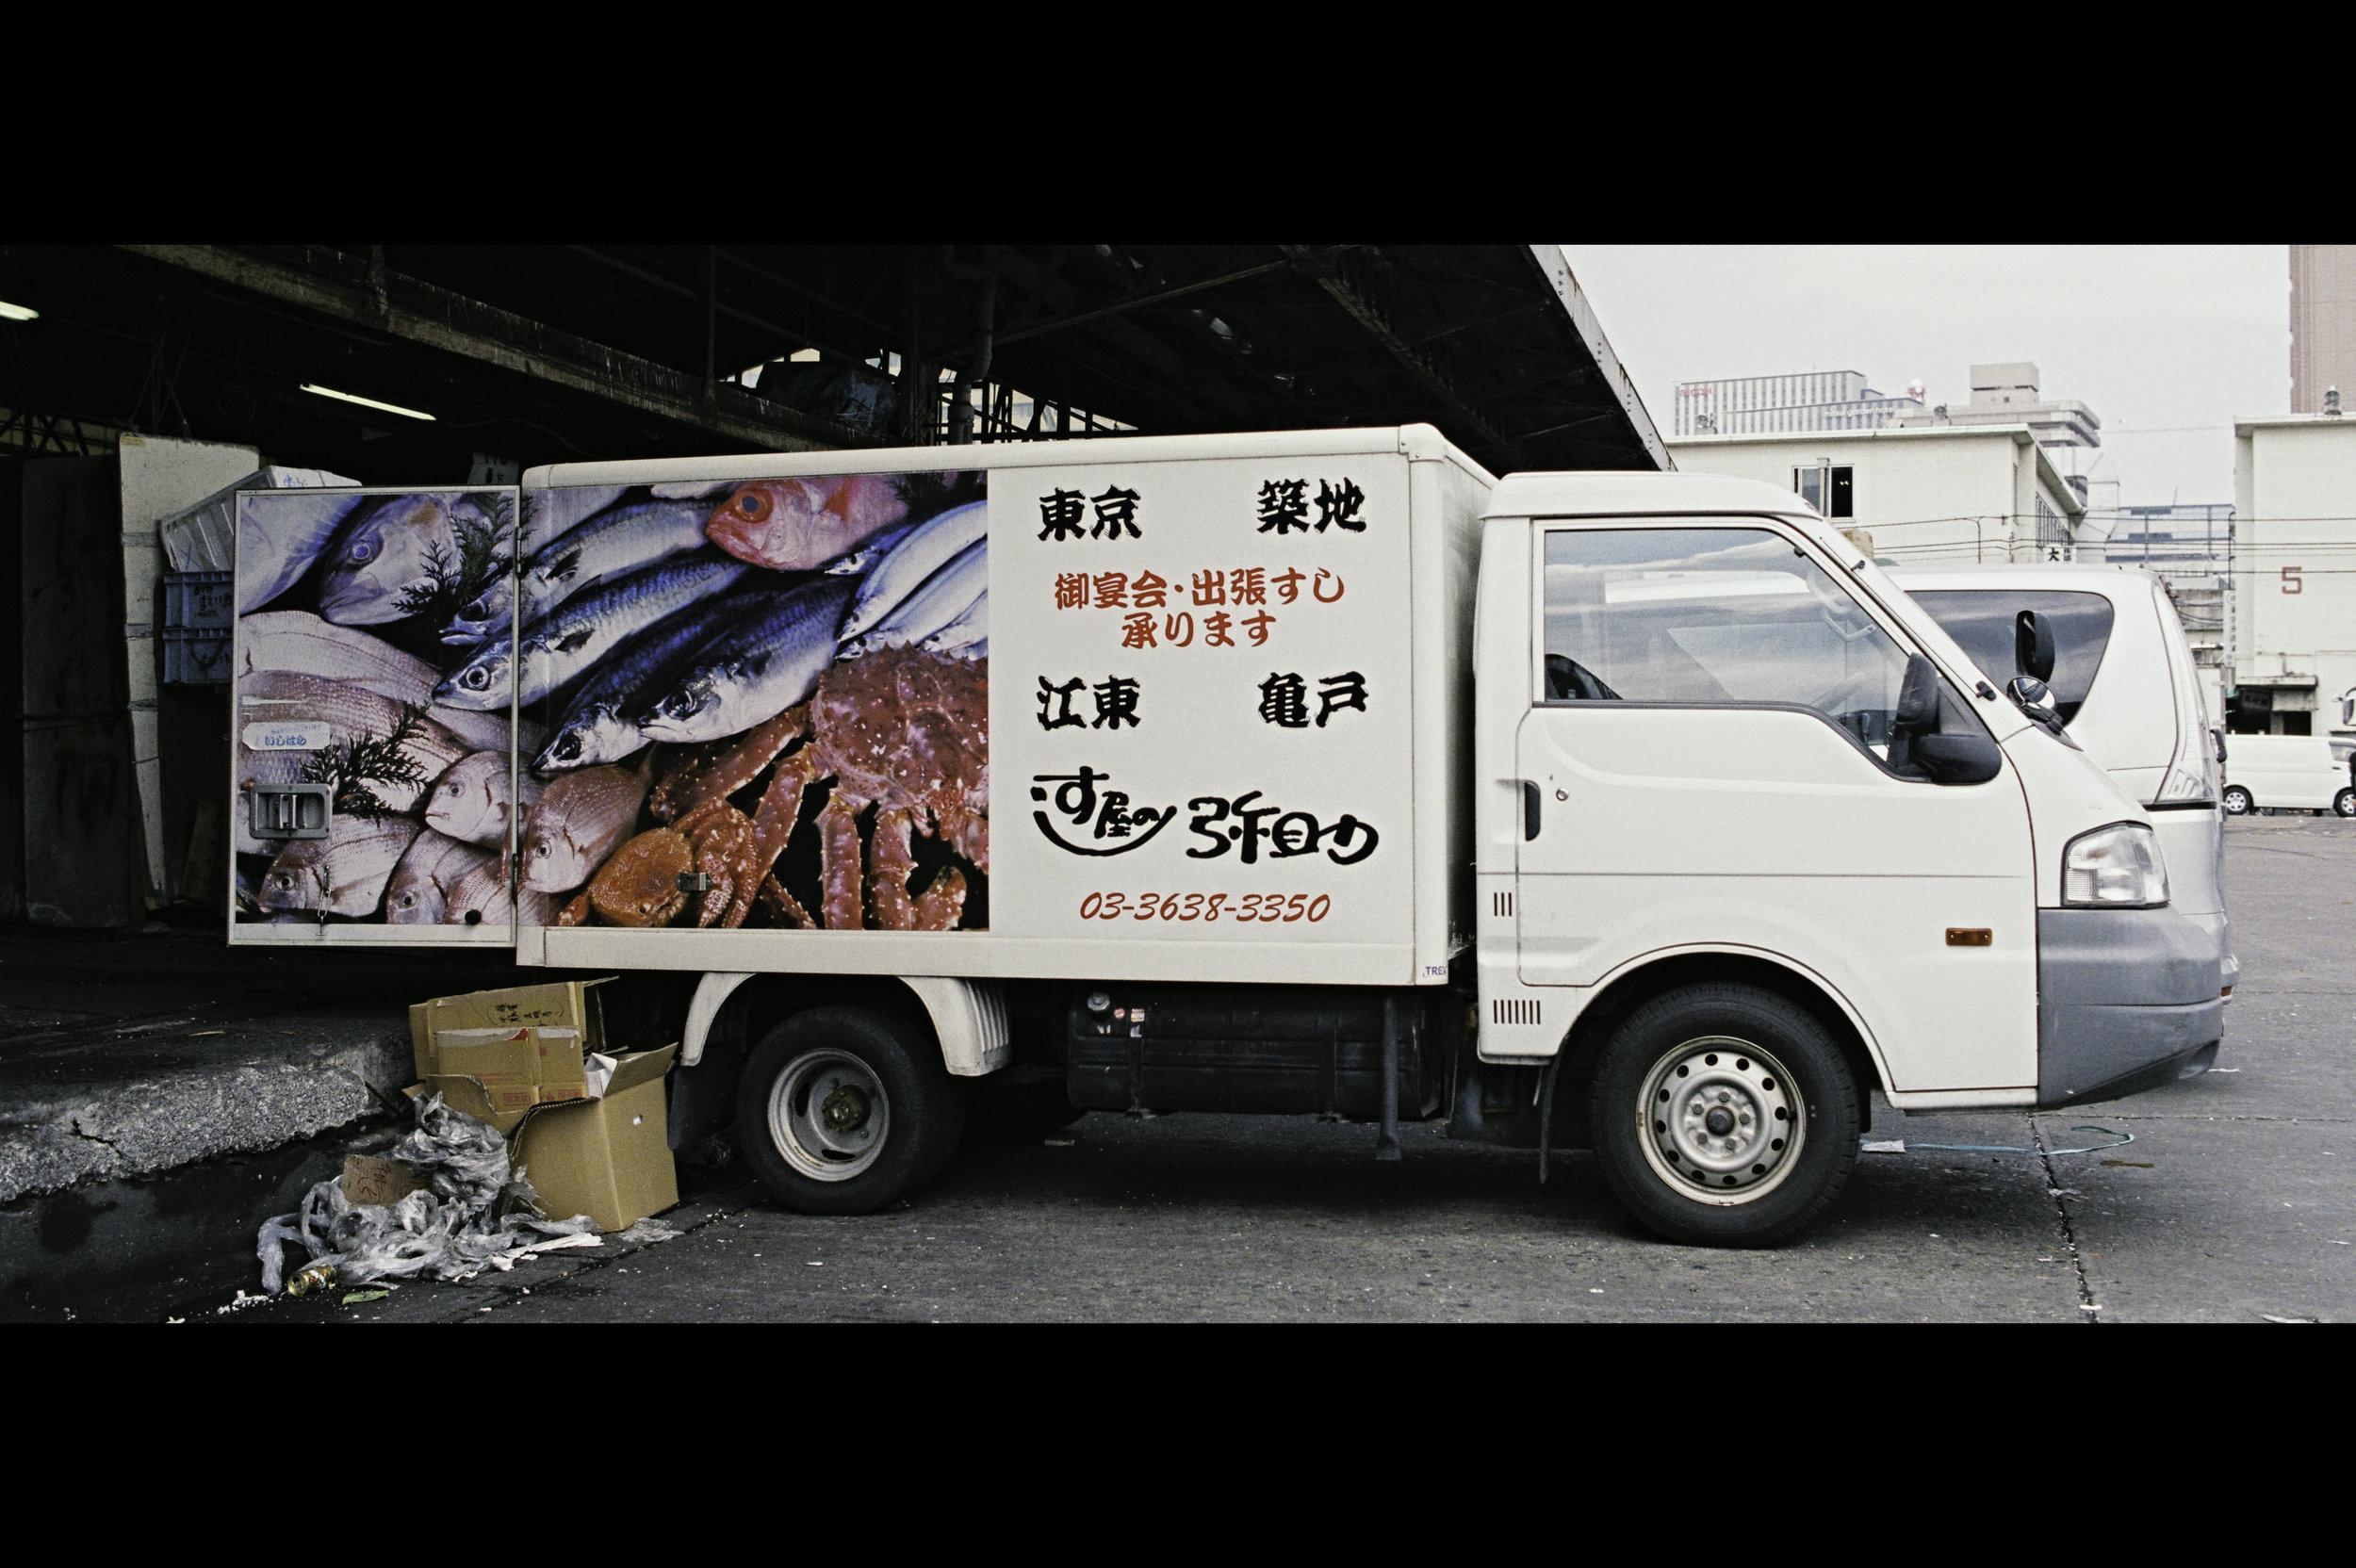 fish-market-van-graphic